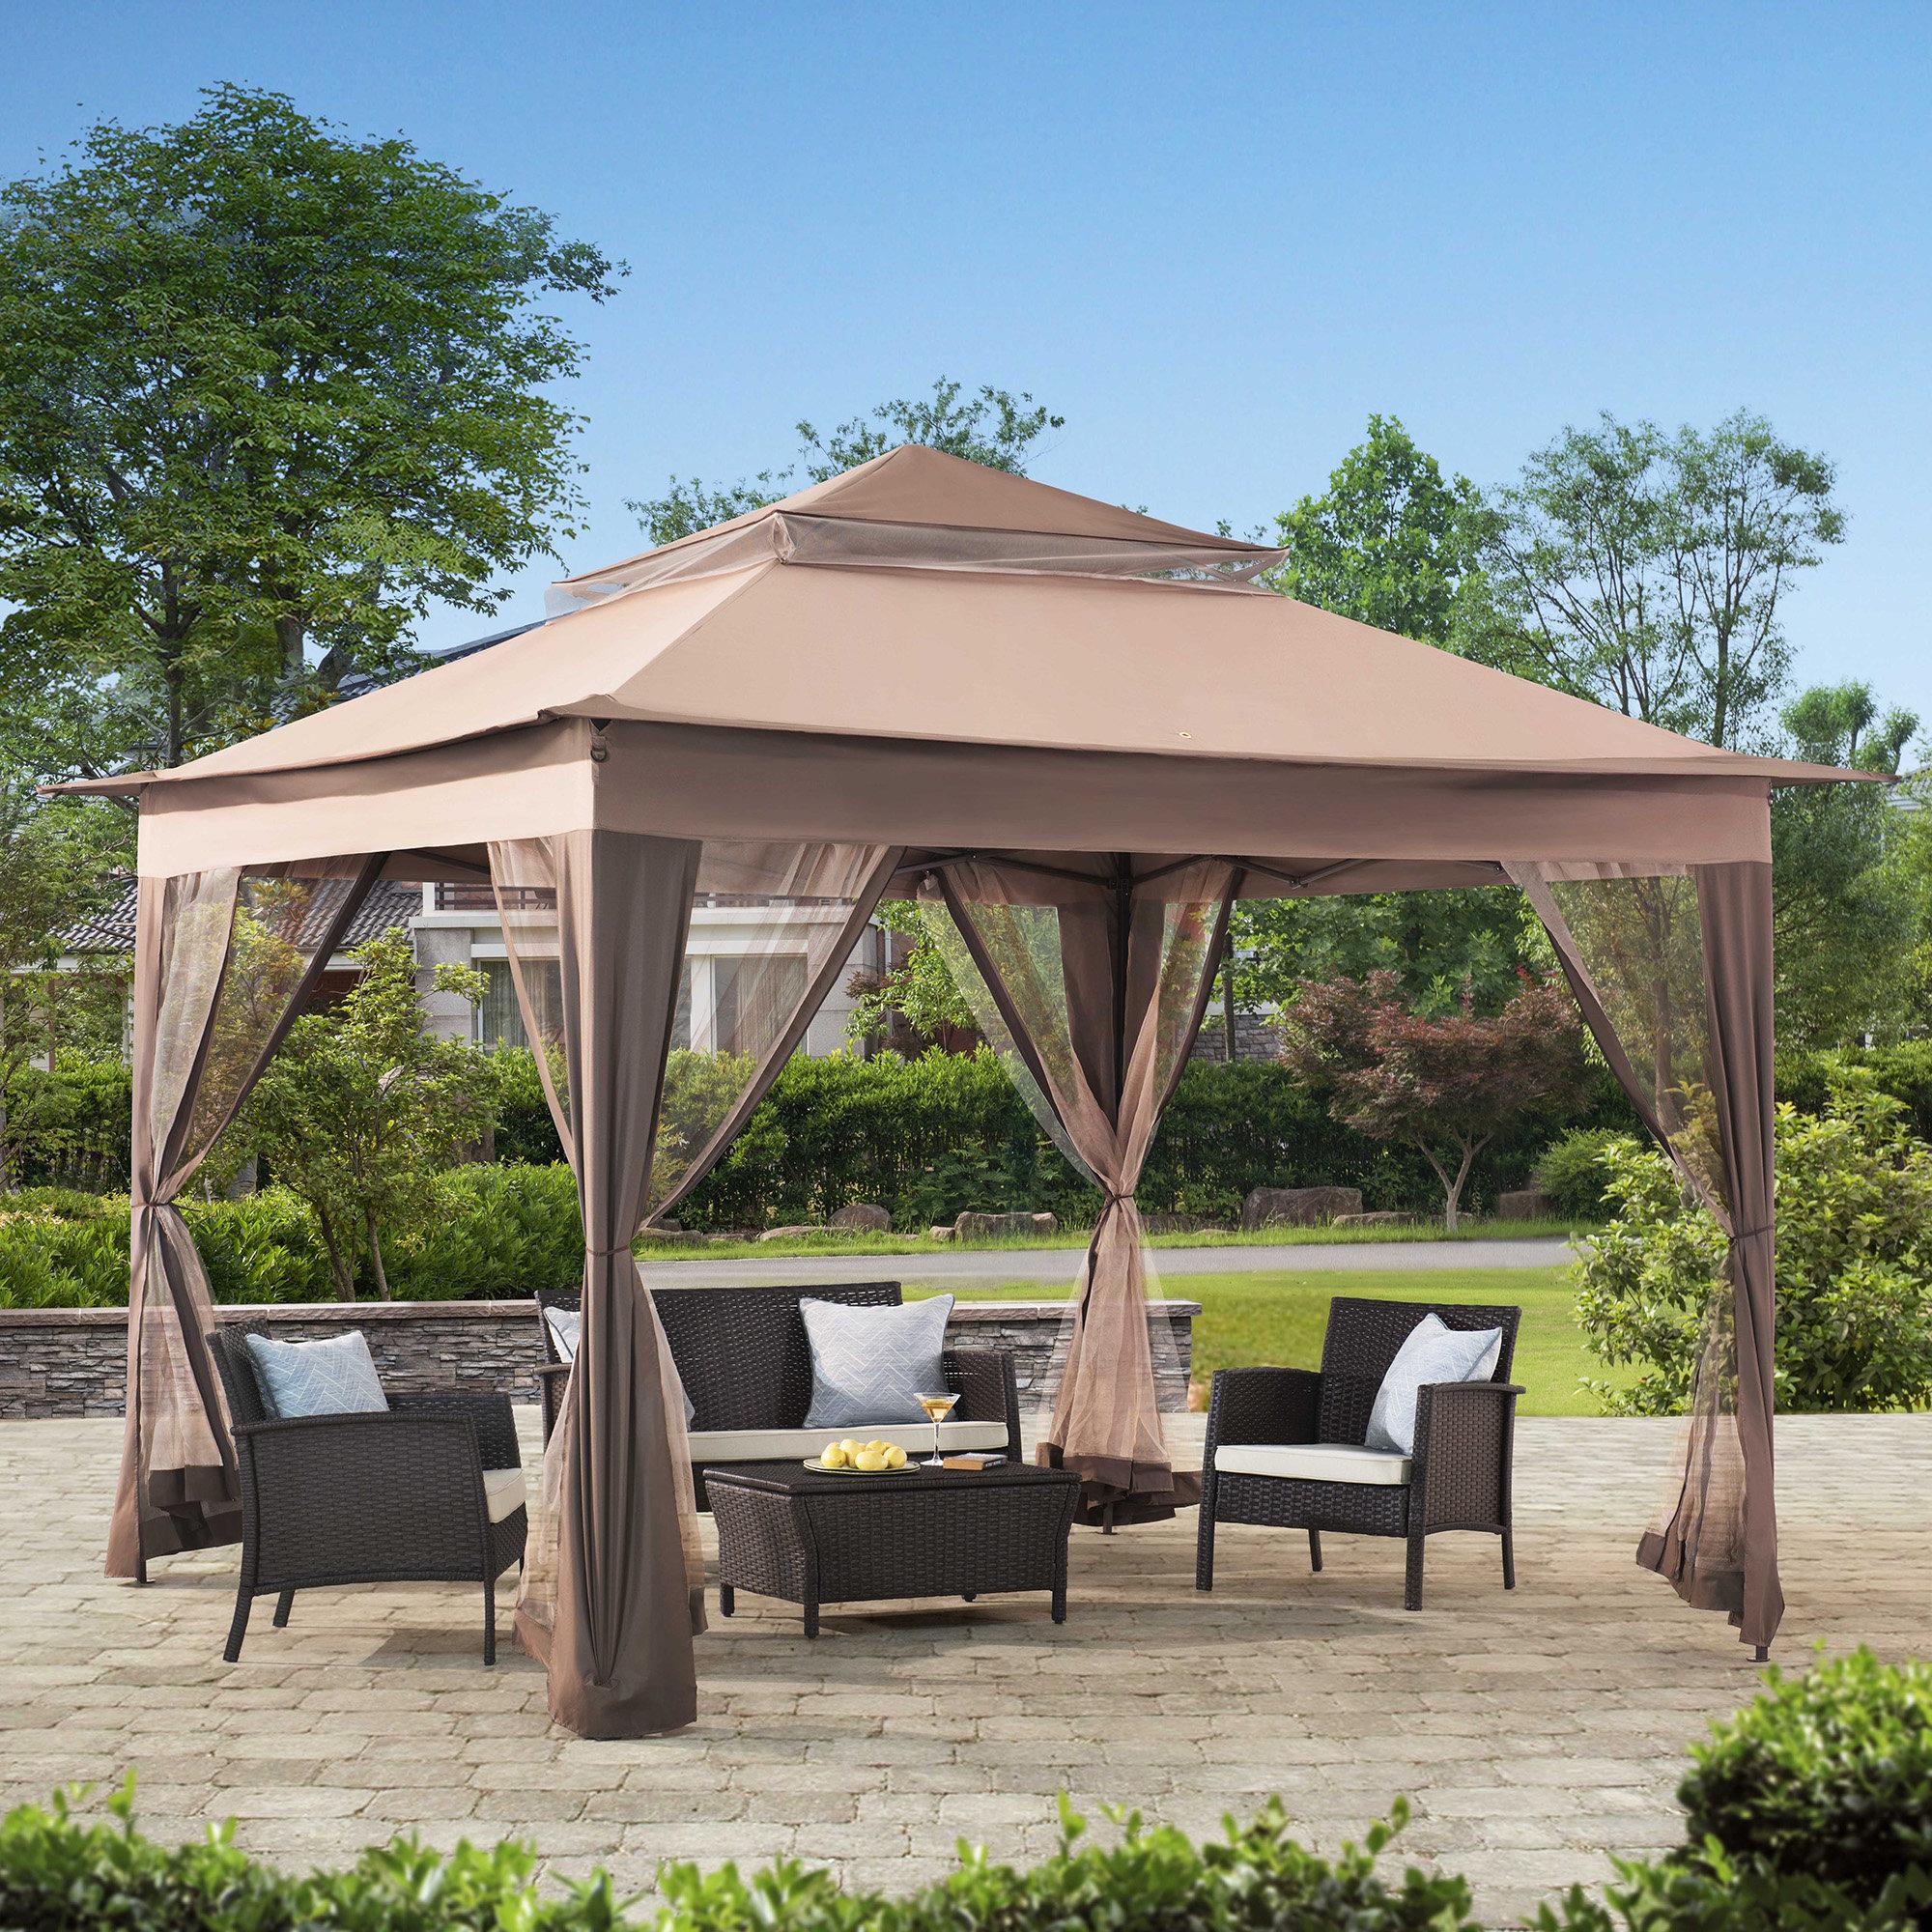 Choosing patio gazebo for your outdoor activities